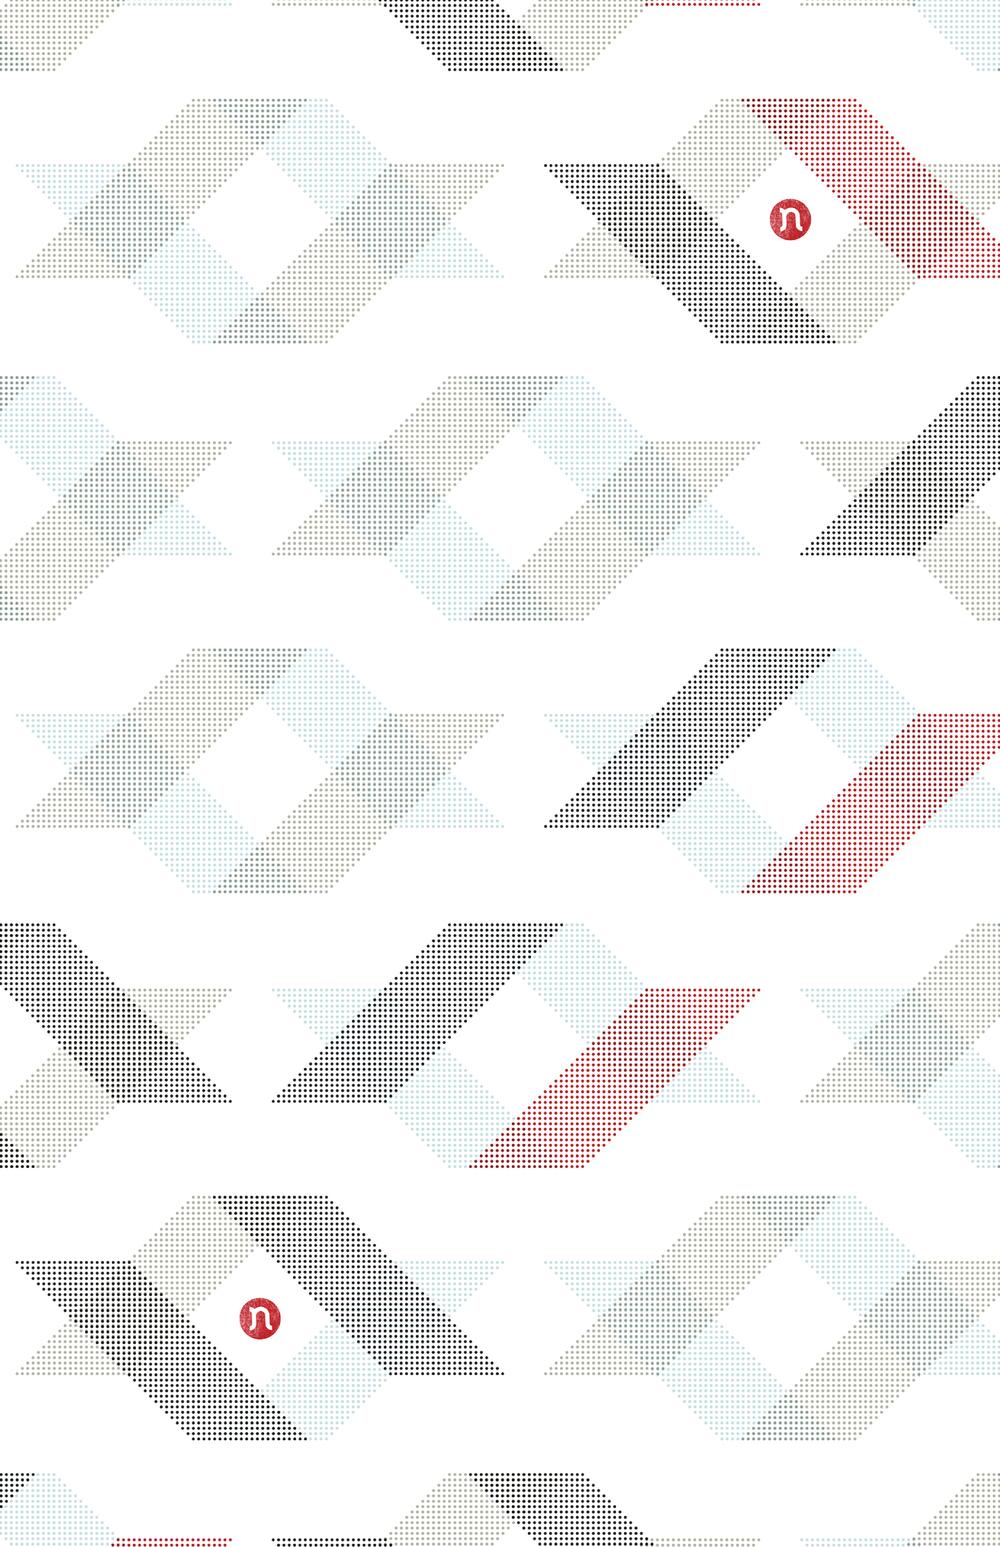 nosh-texture.jpg